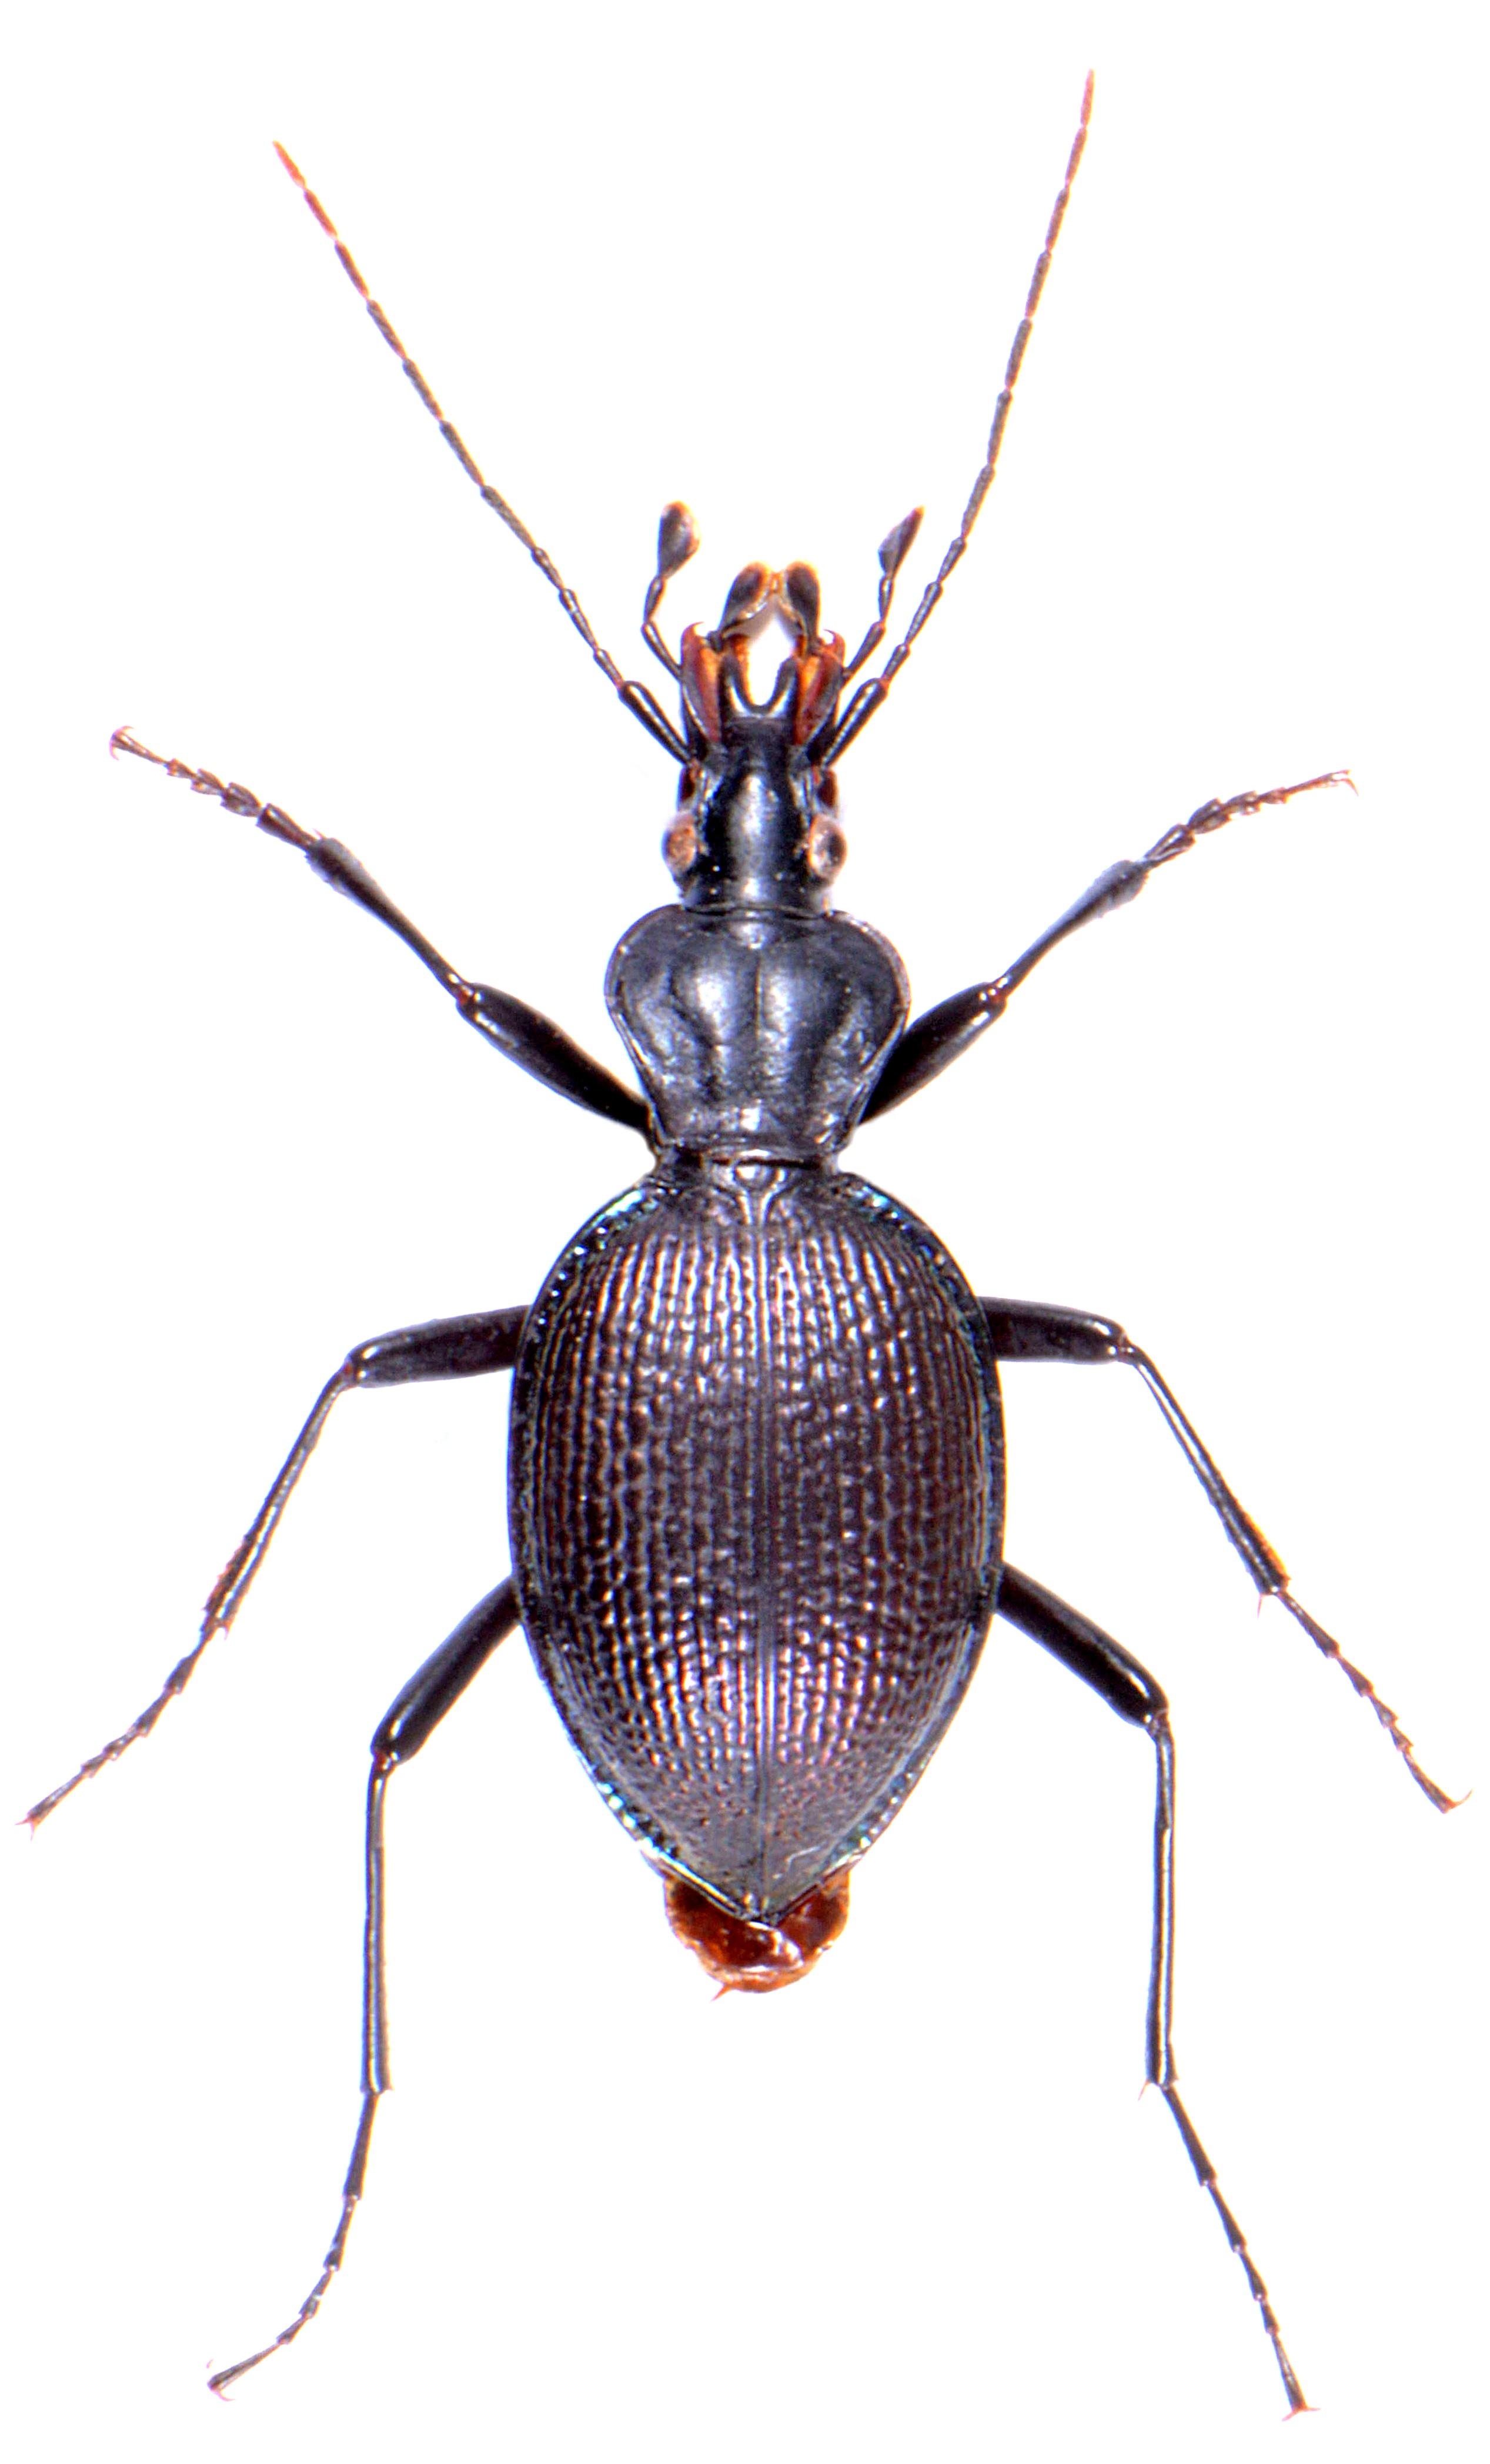 Scaphinotus marginatus